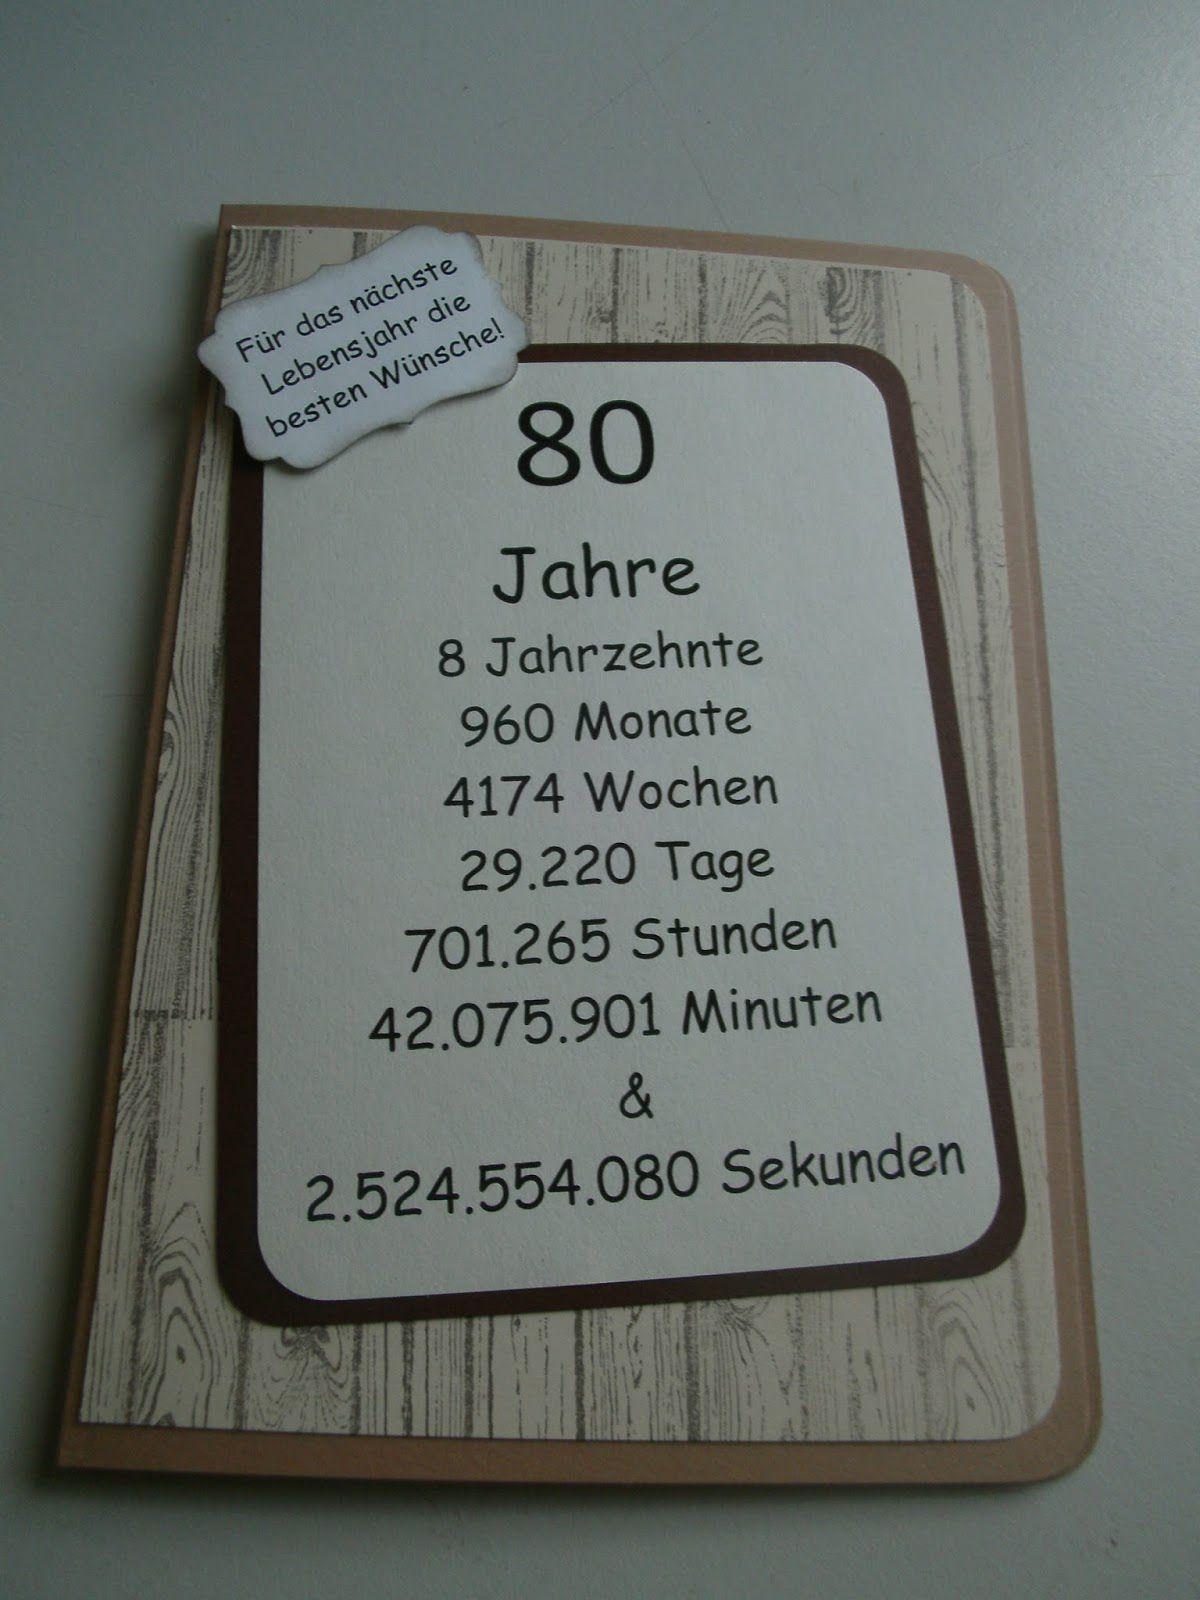 Einladungskarten Zum 80 Geburtstag   Einladungskarten Ideen